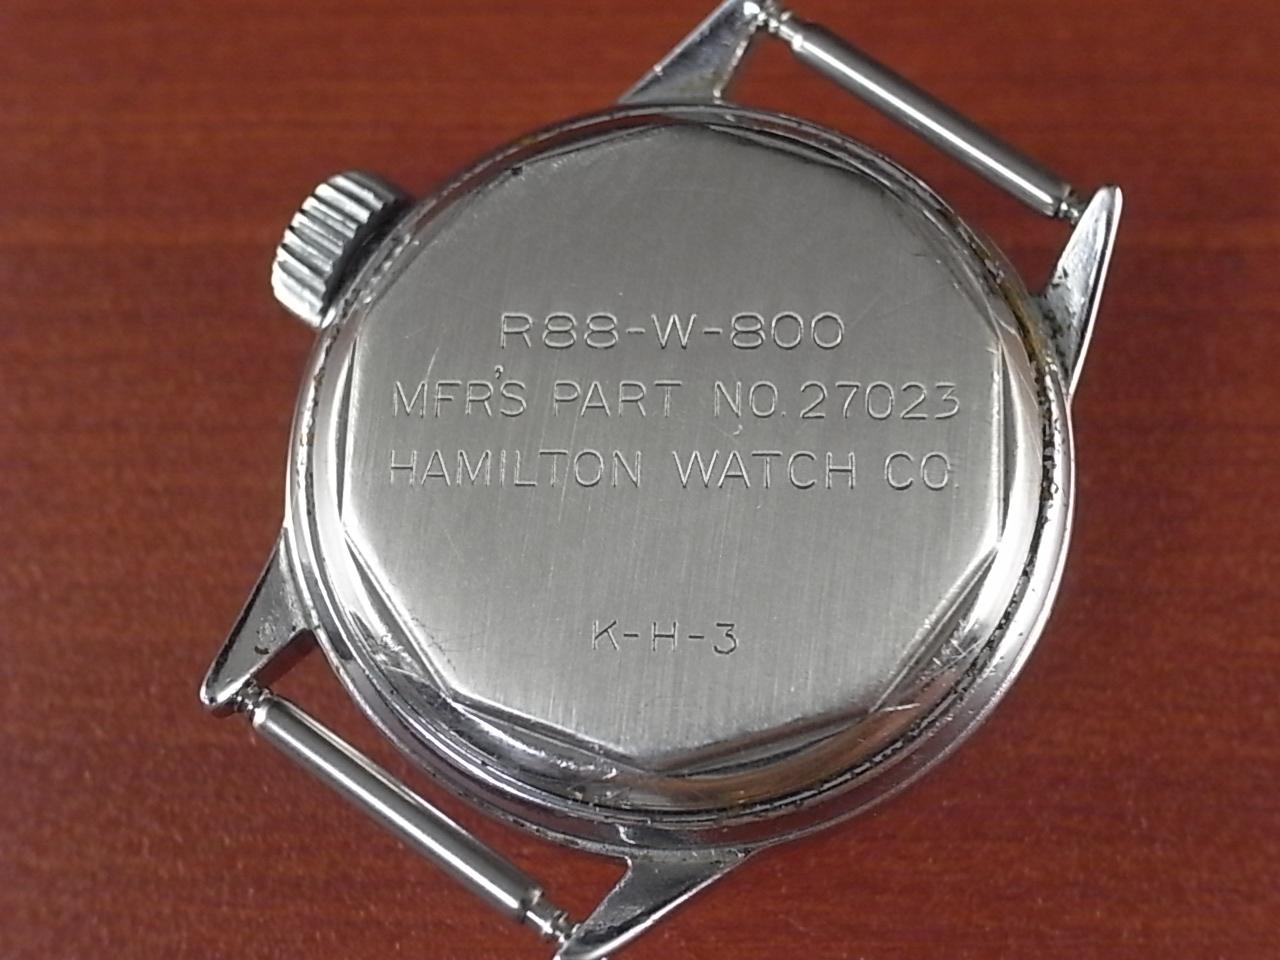 ハミルトン ミリタリー 米海軍 R88-W-800 センターセコンド 1940年代の写真4枚目